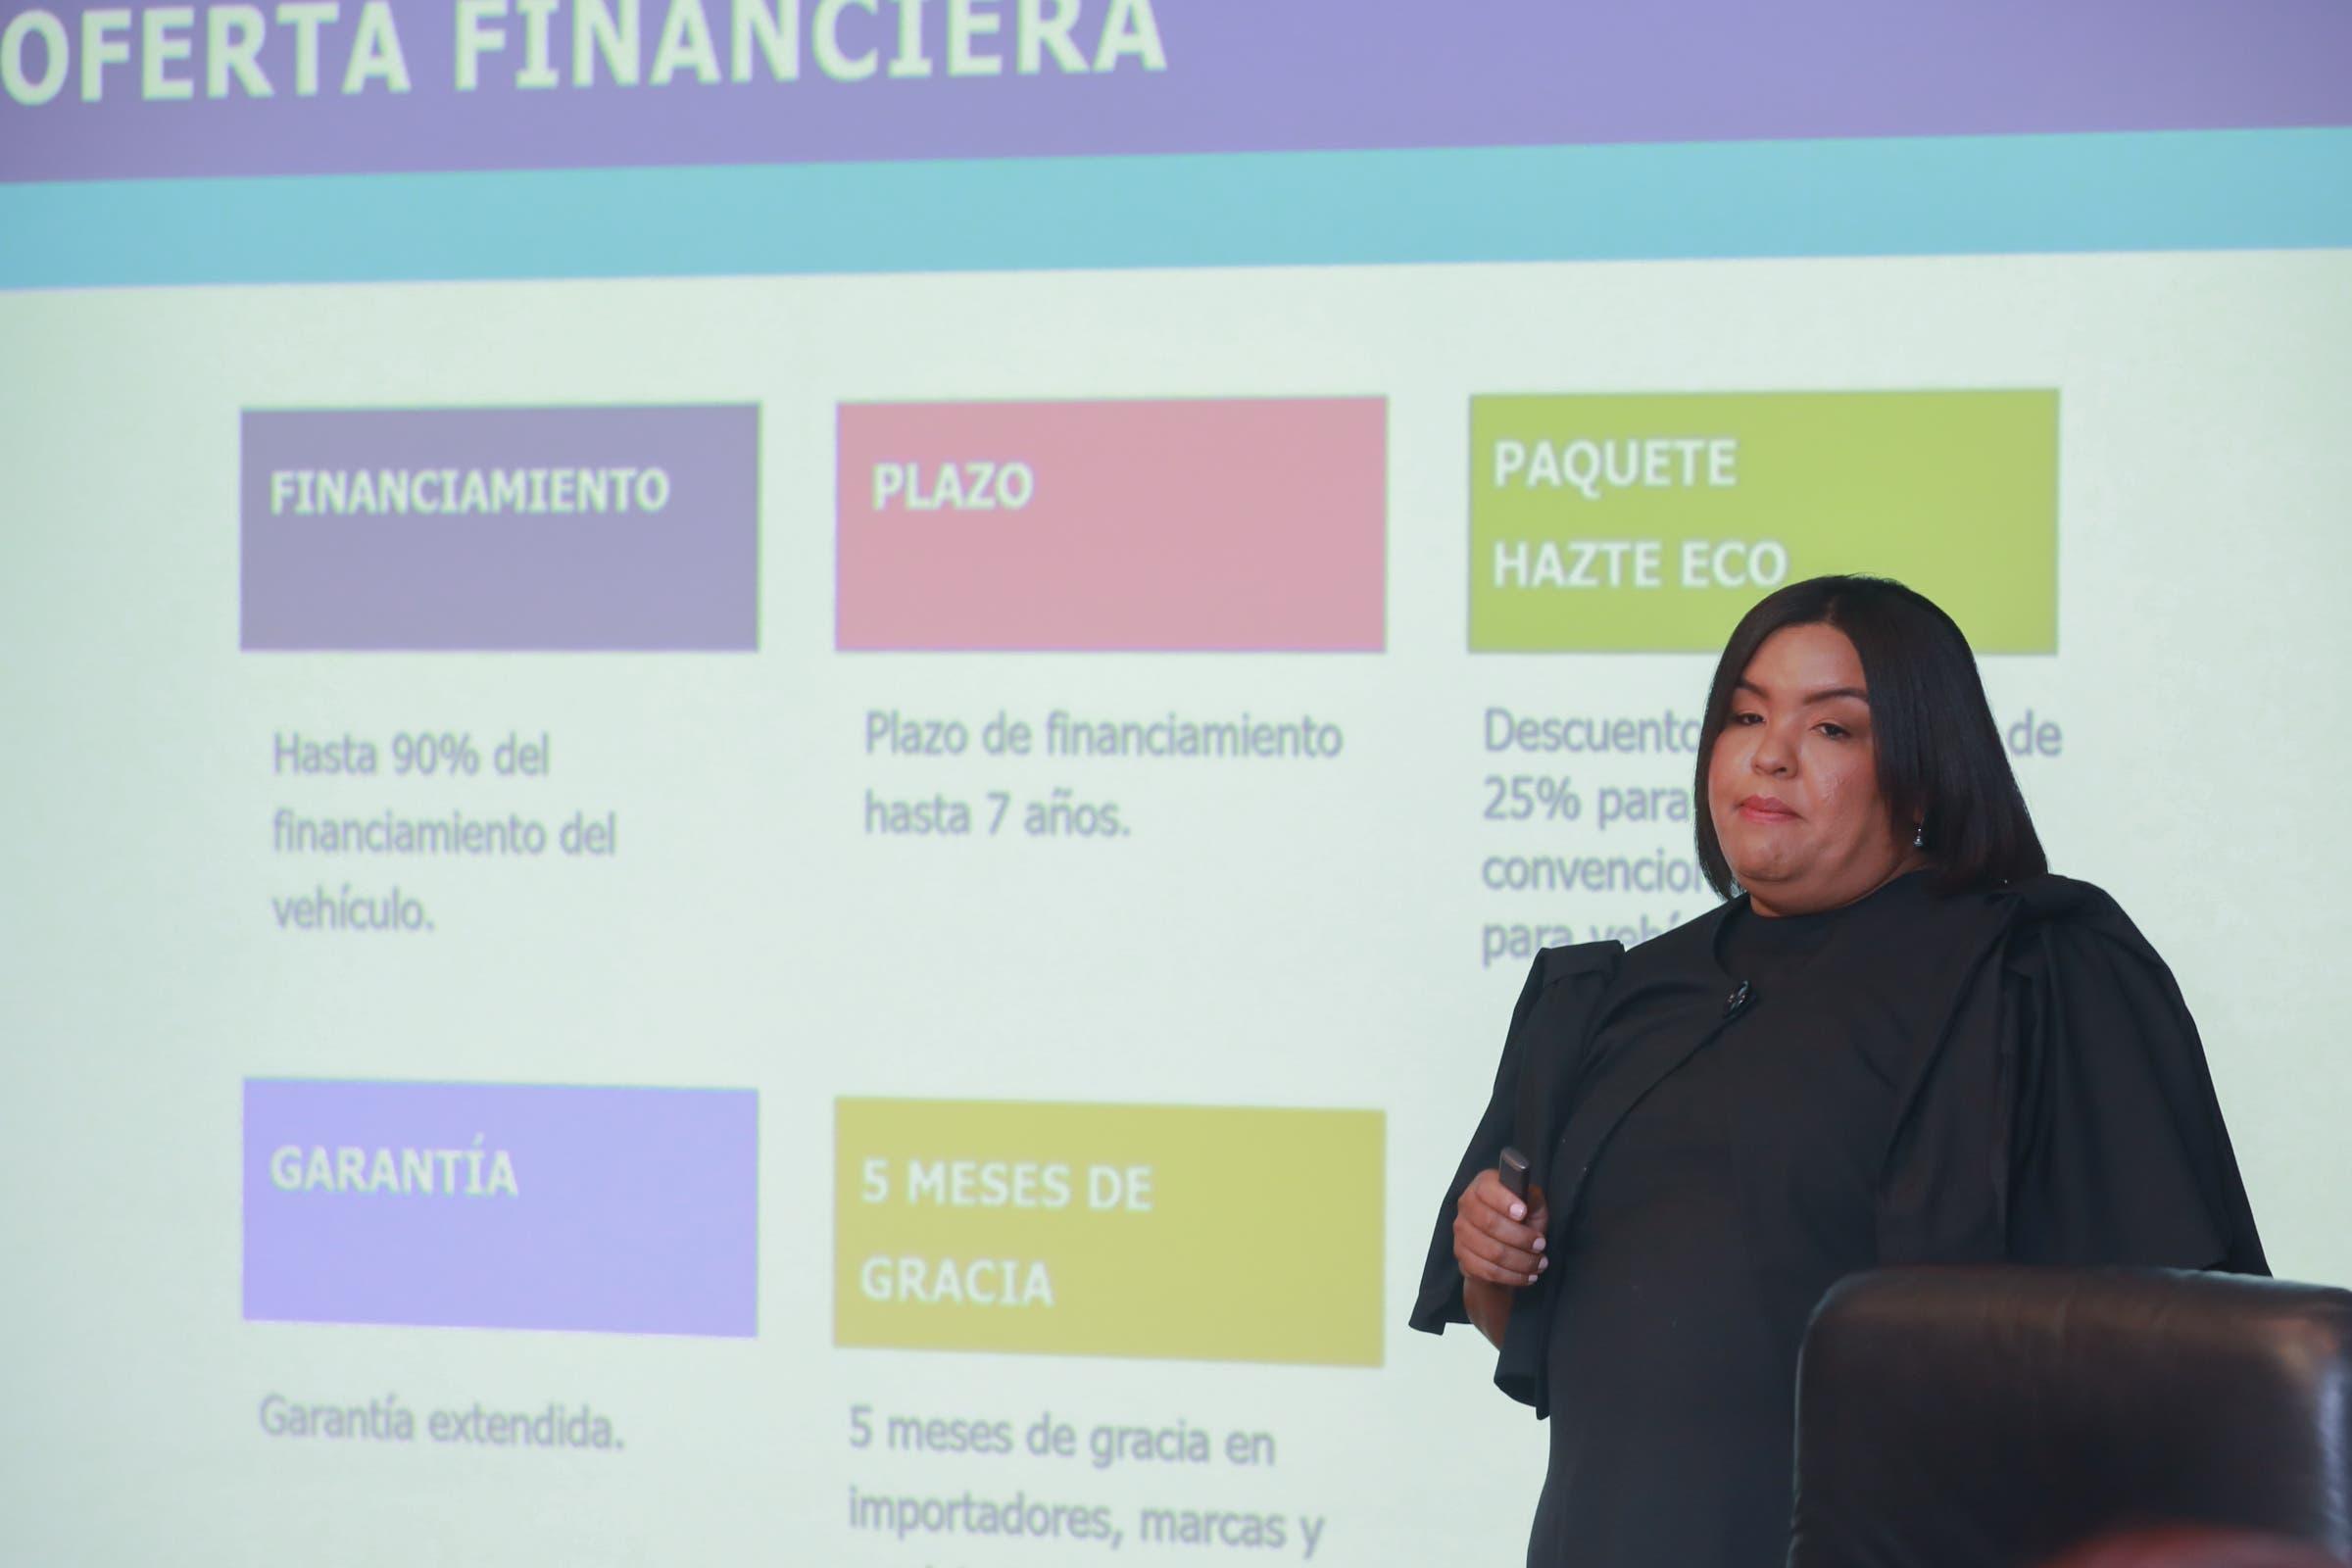 BPD_2722 La señora Giselle Moreno, vicepresidente del Área de Mercadeo